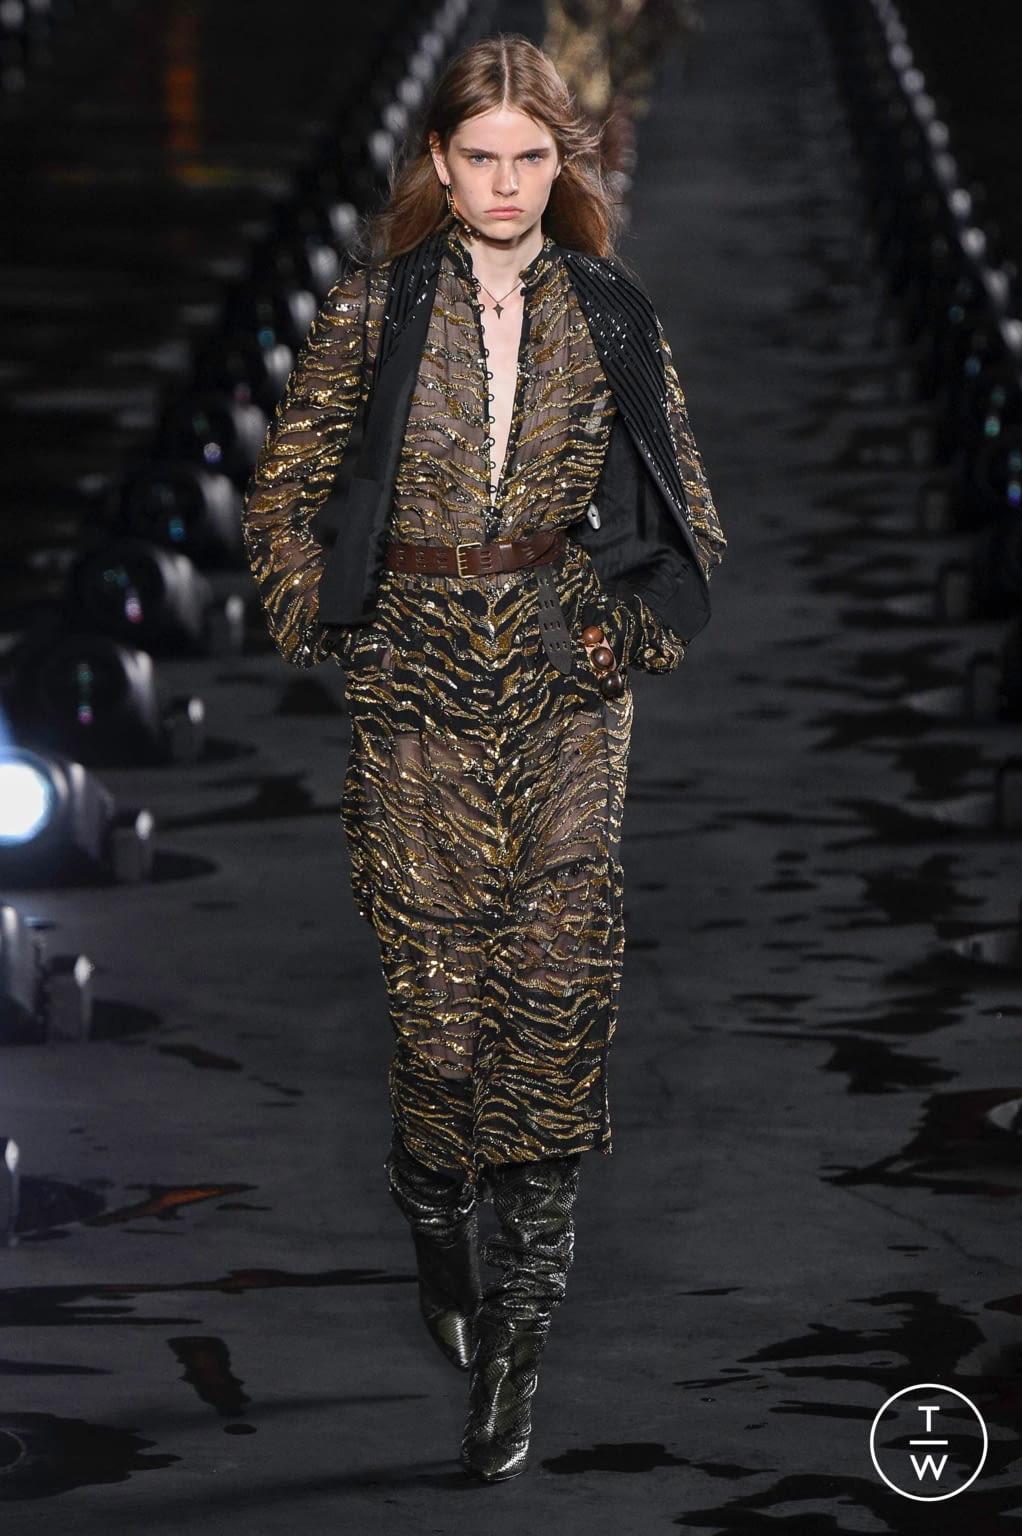 Fashion Week Paris Spring/Summer 2020 look 35 de la collection Saint Laurent womenswear